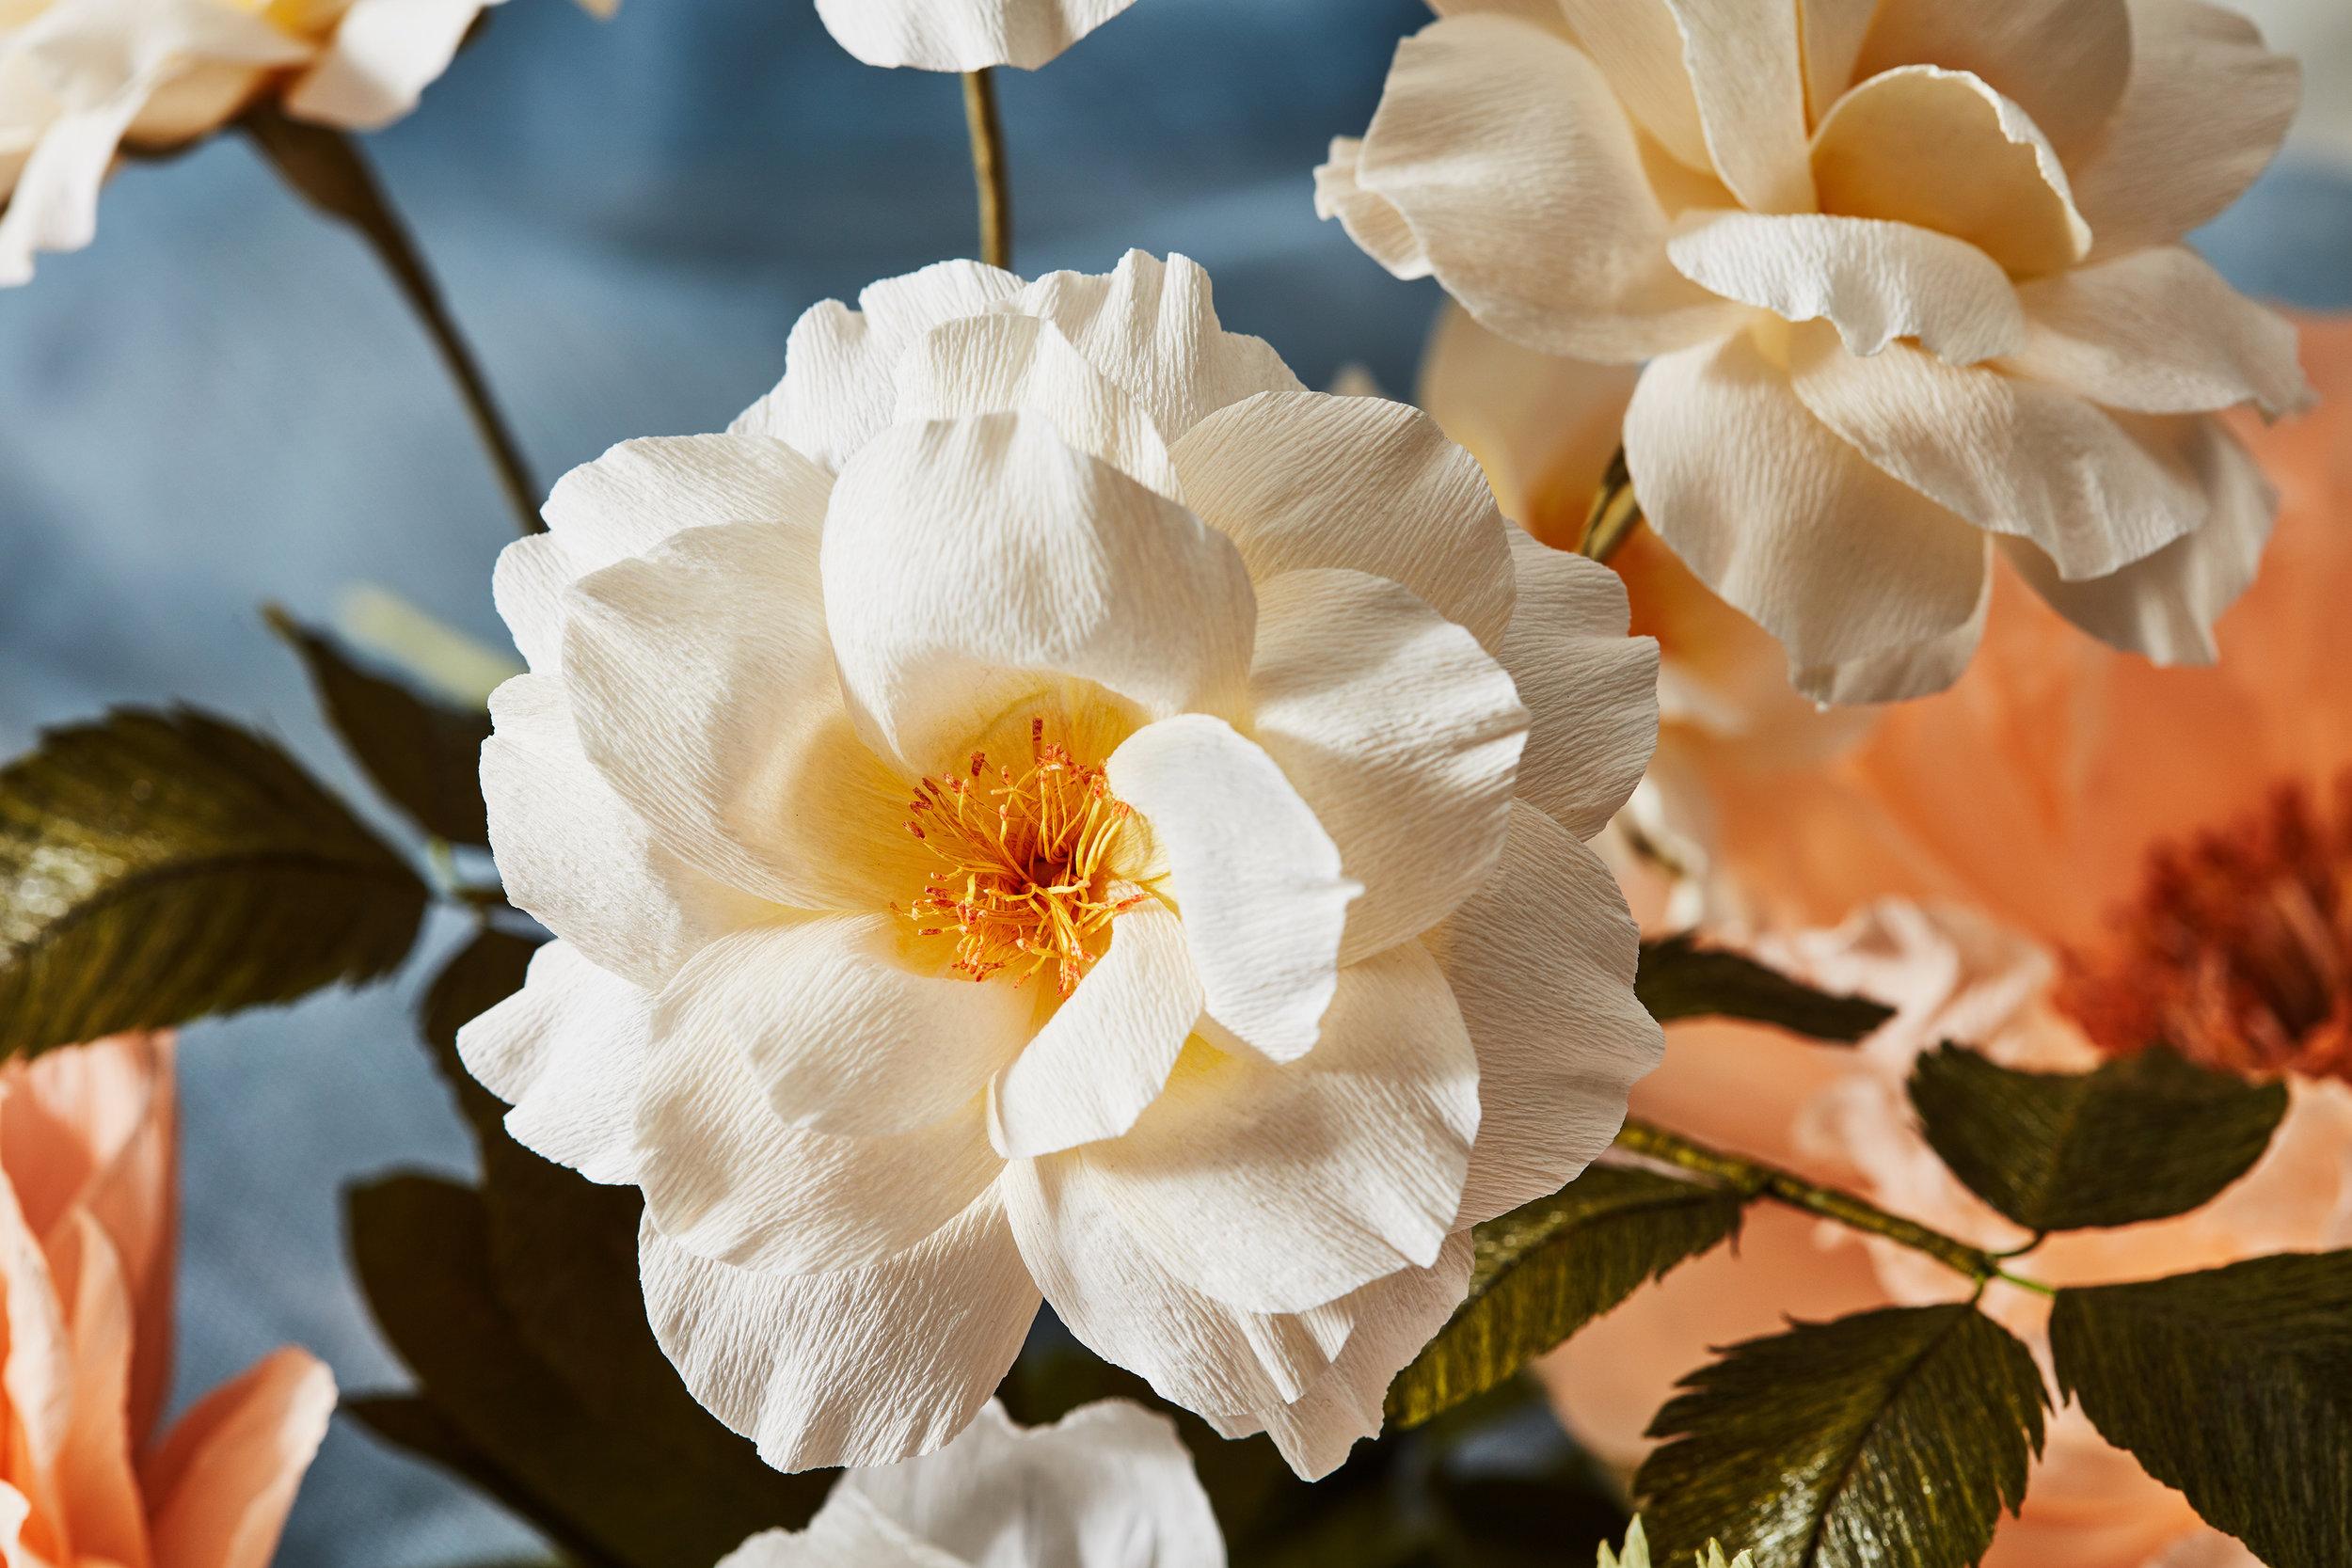 Peach_Floribunda_Rose_Branch_2.jpg